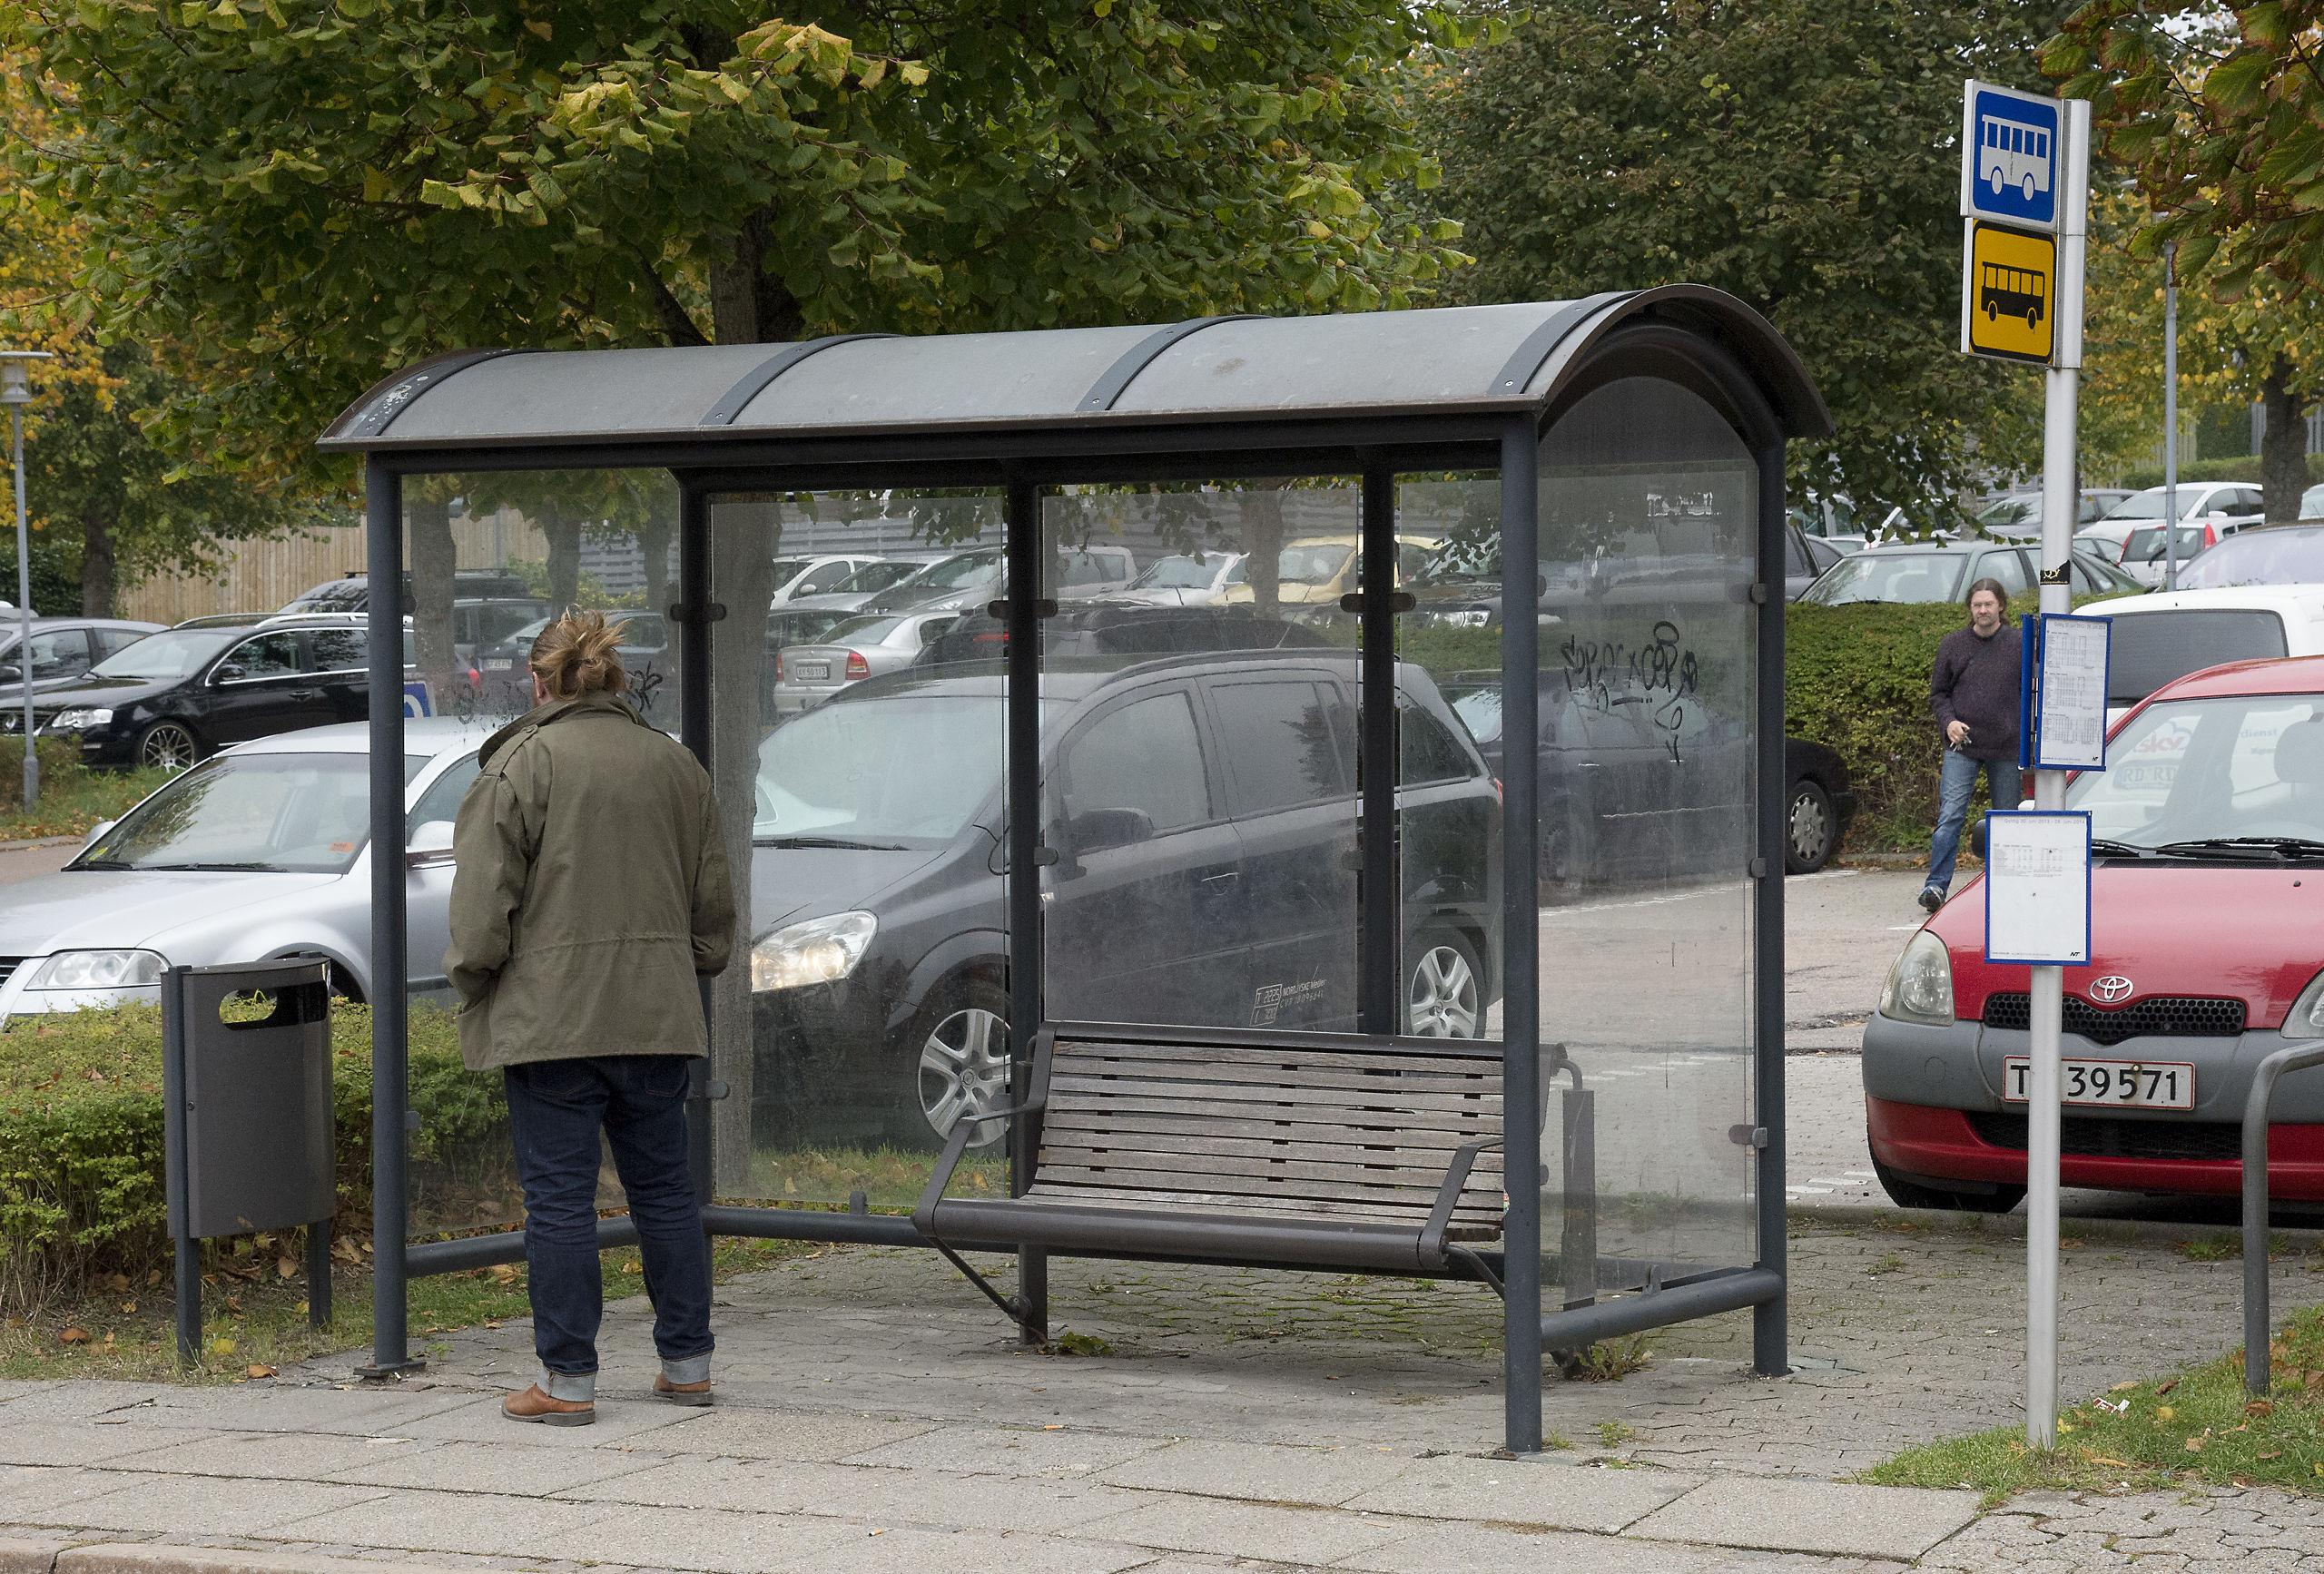 Det er ikke nødvendigt at spejde efter bussen .... nu kan du booke en cykel i stedet. Arkivfoto: Peter Mørk